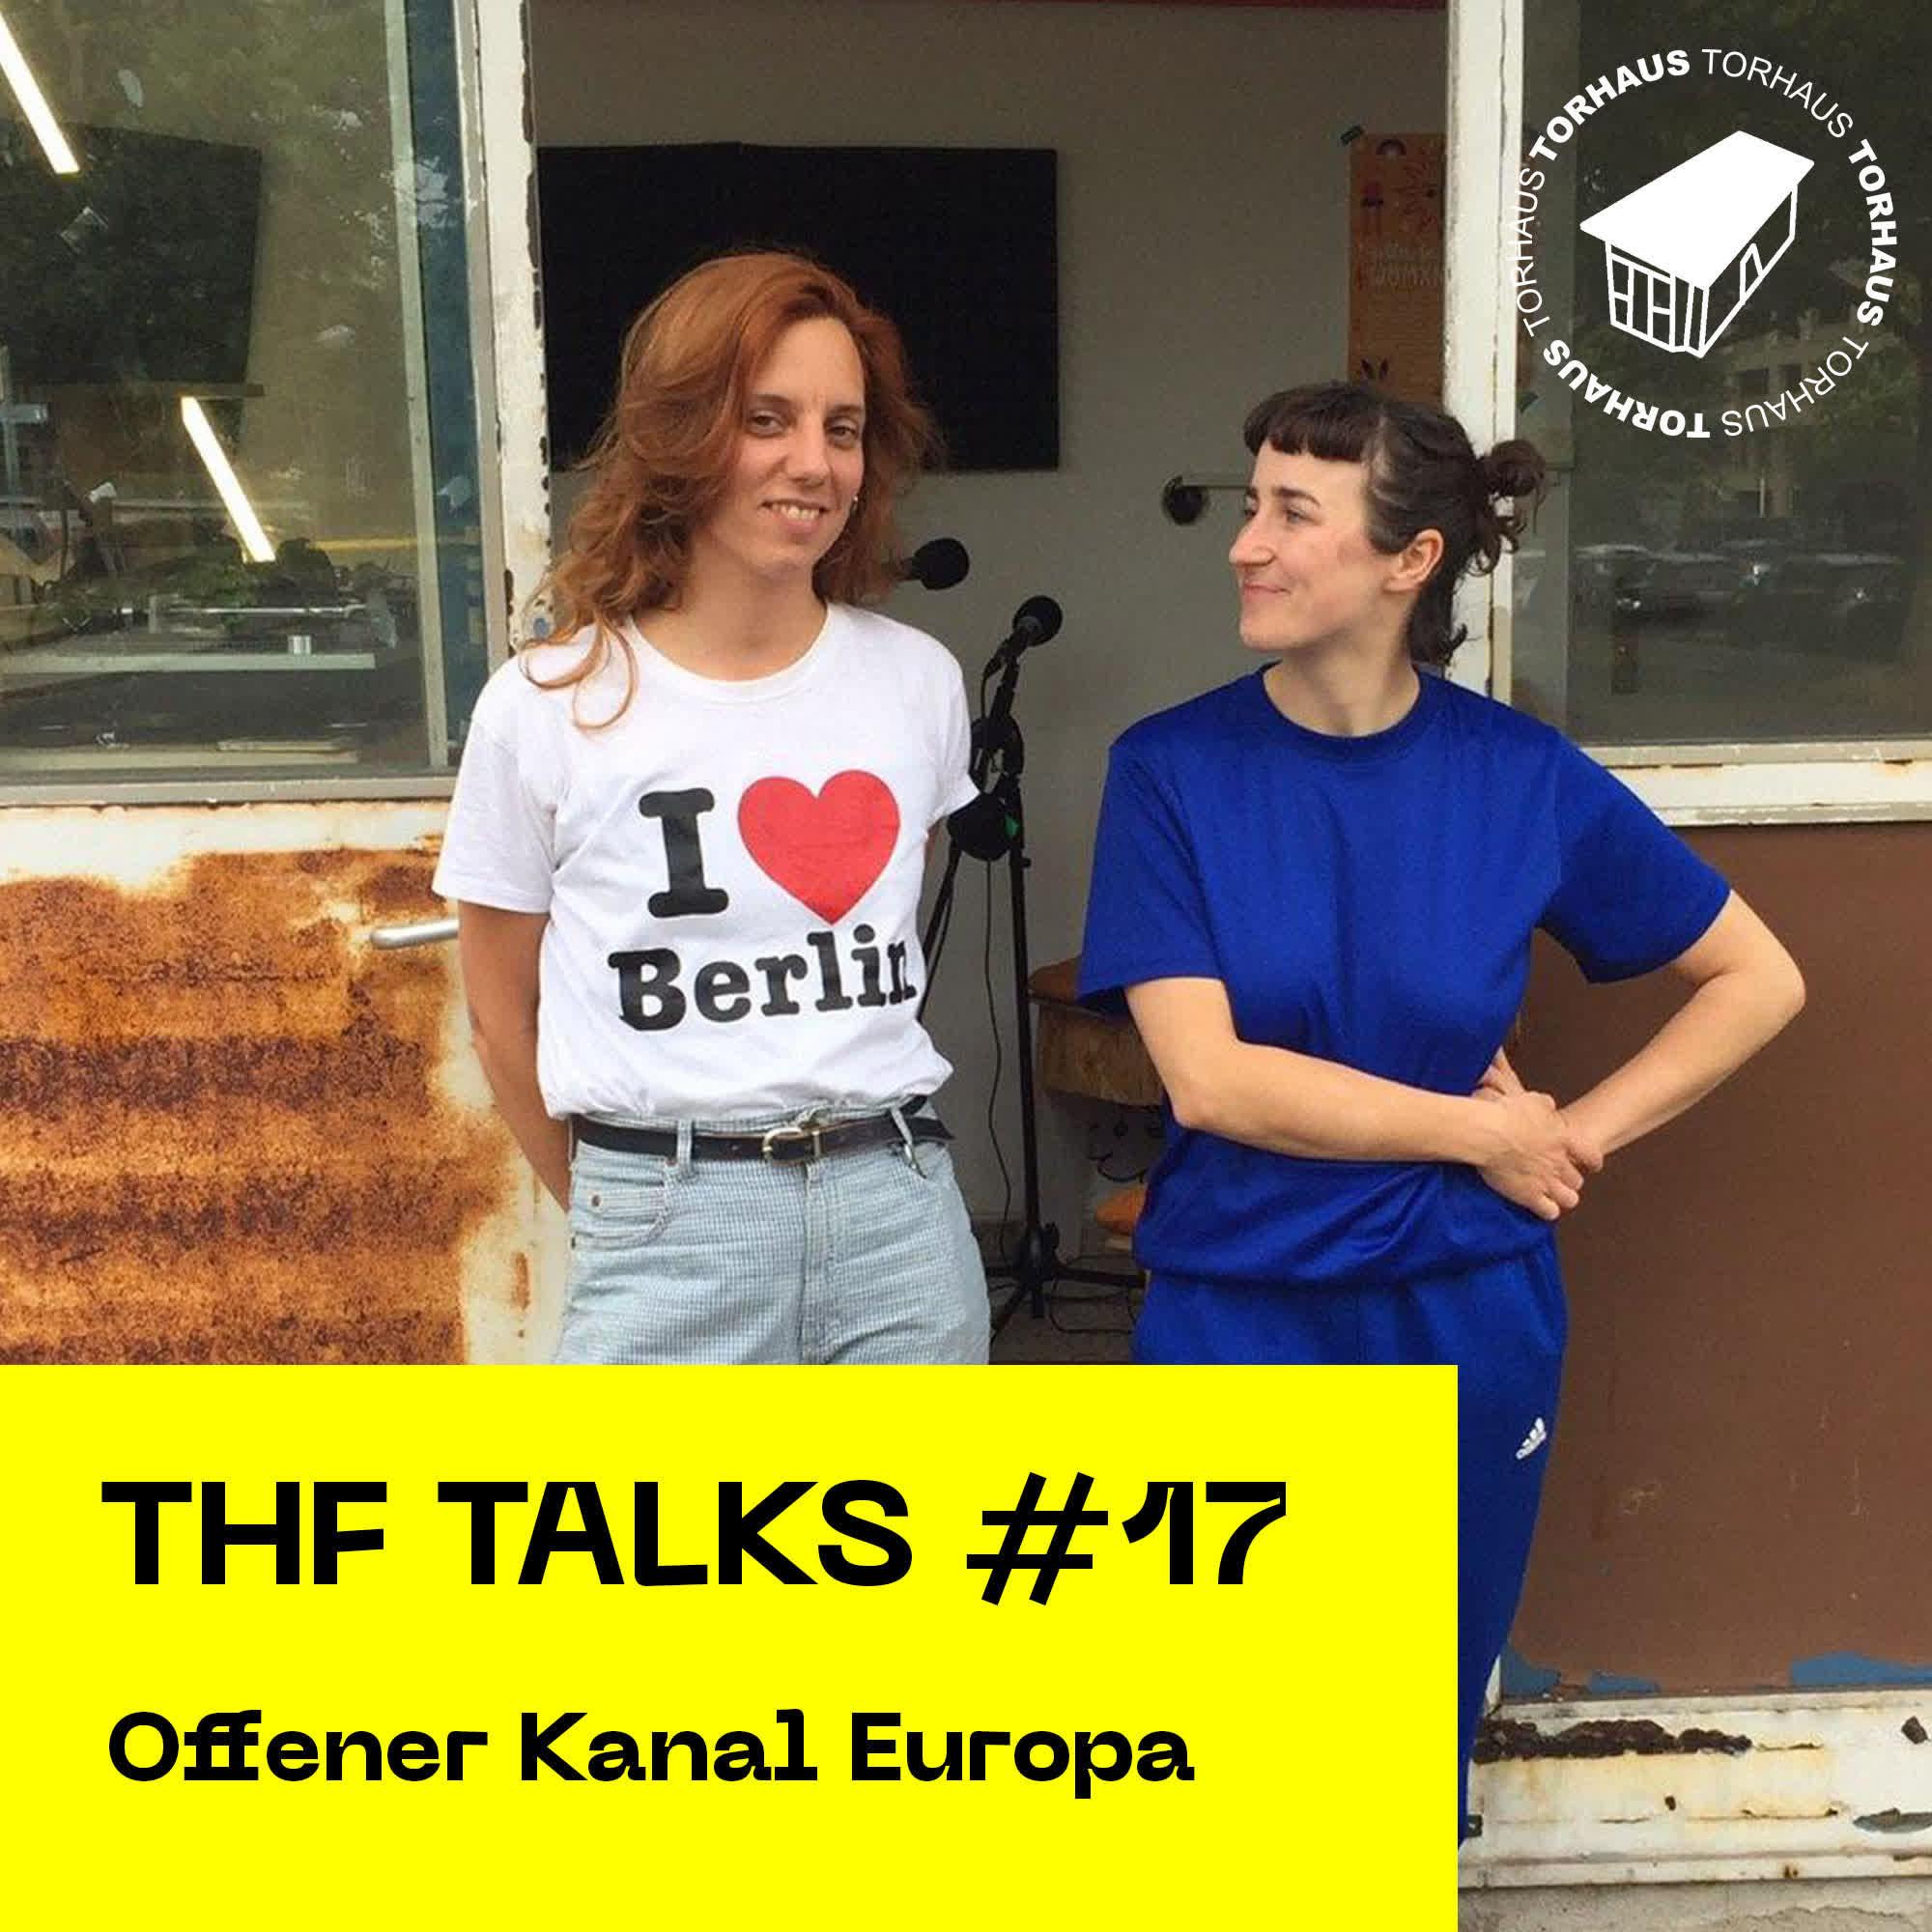 THF Talks #17 - Offener Kanal Europa